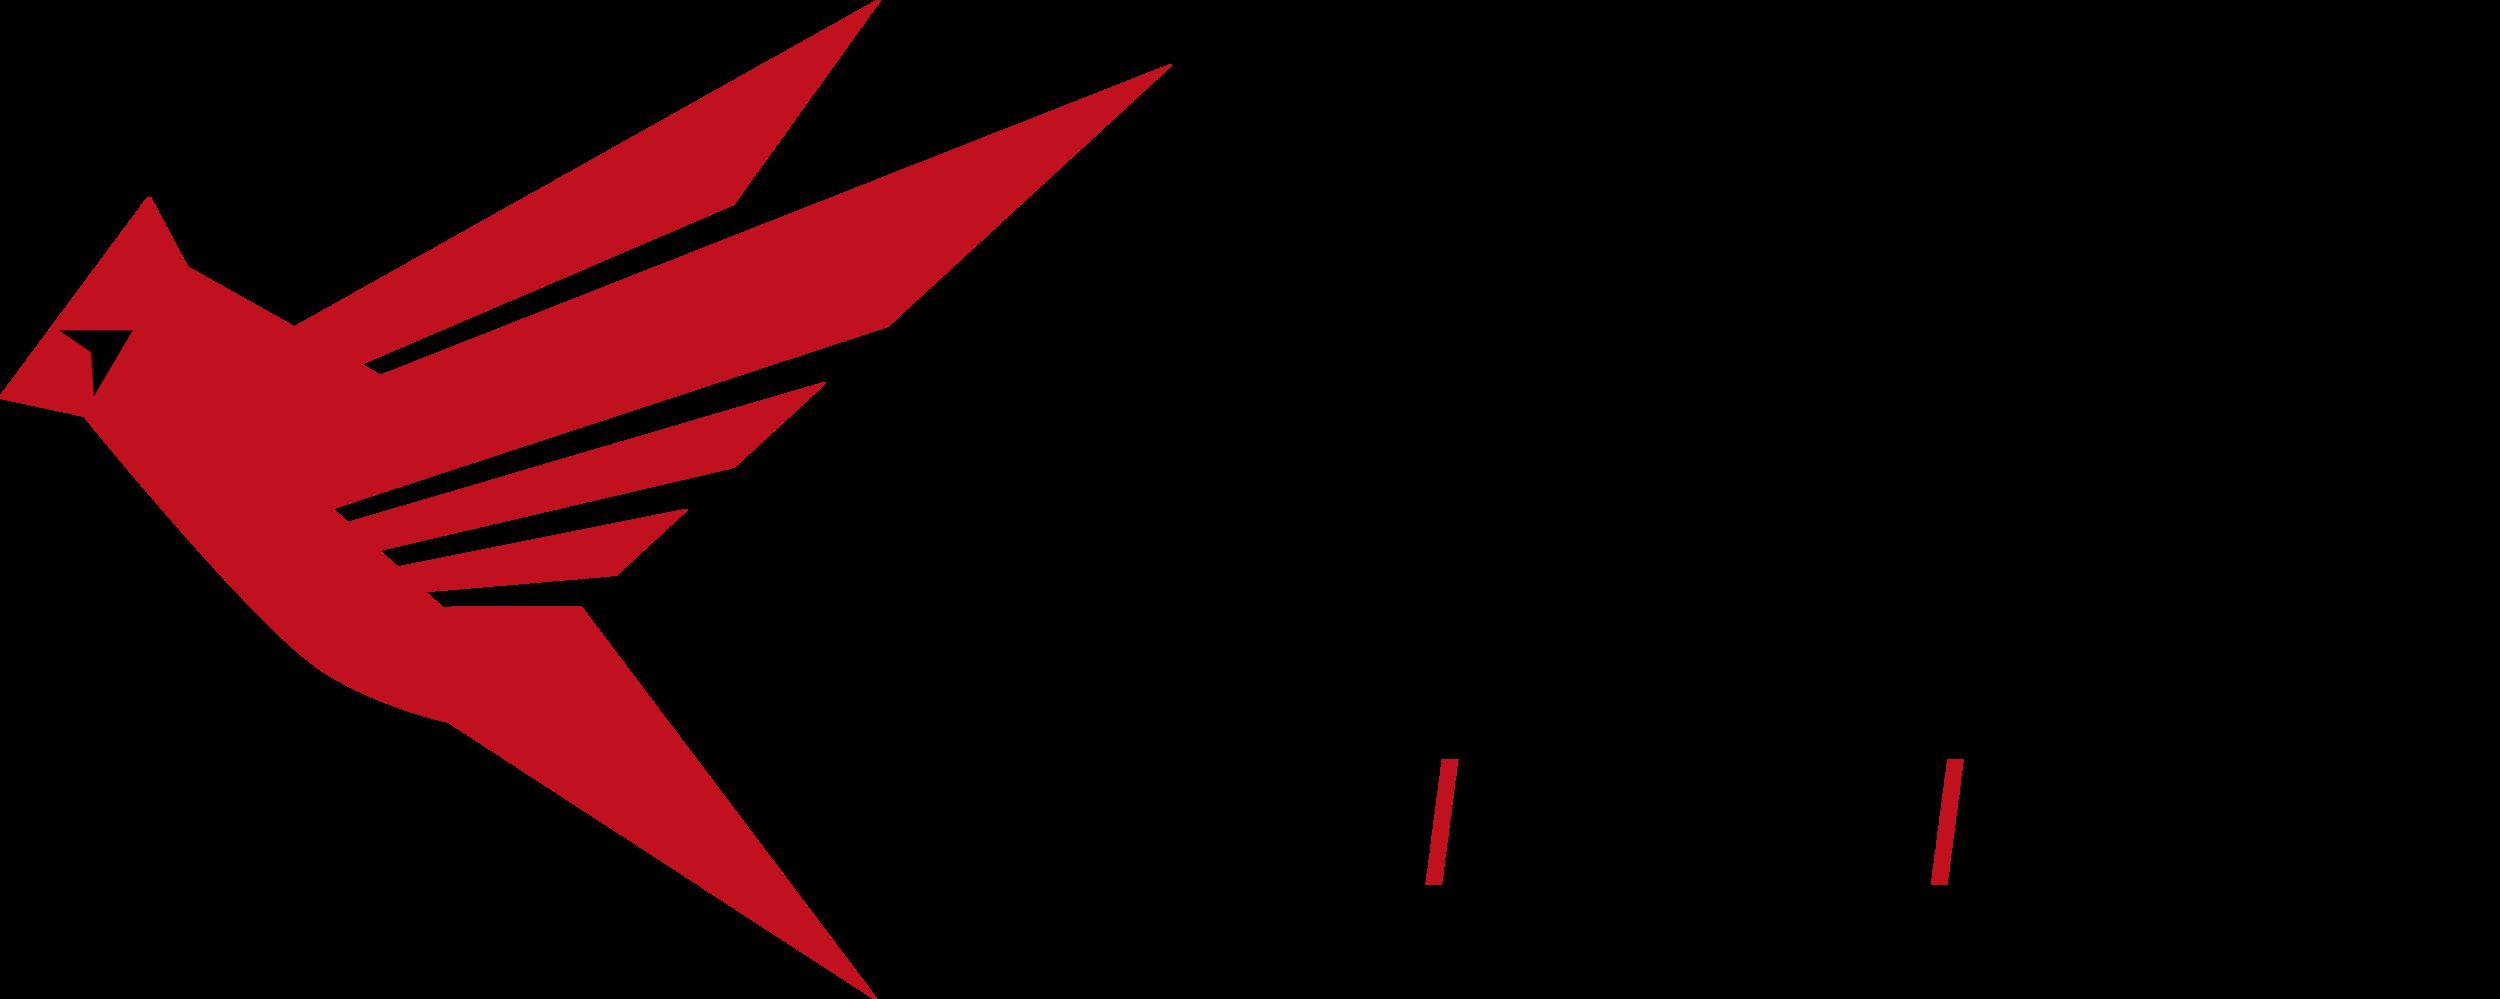 logo_Cardinal_banners (1).png